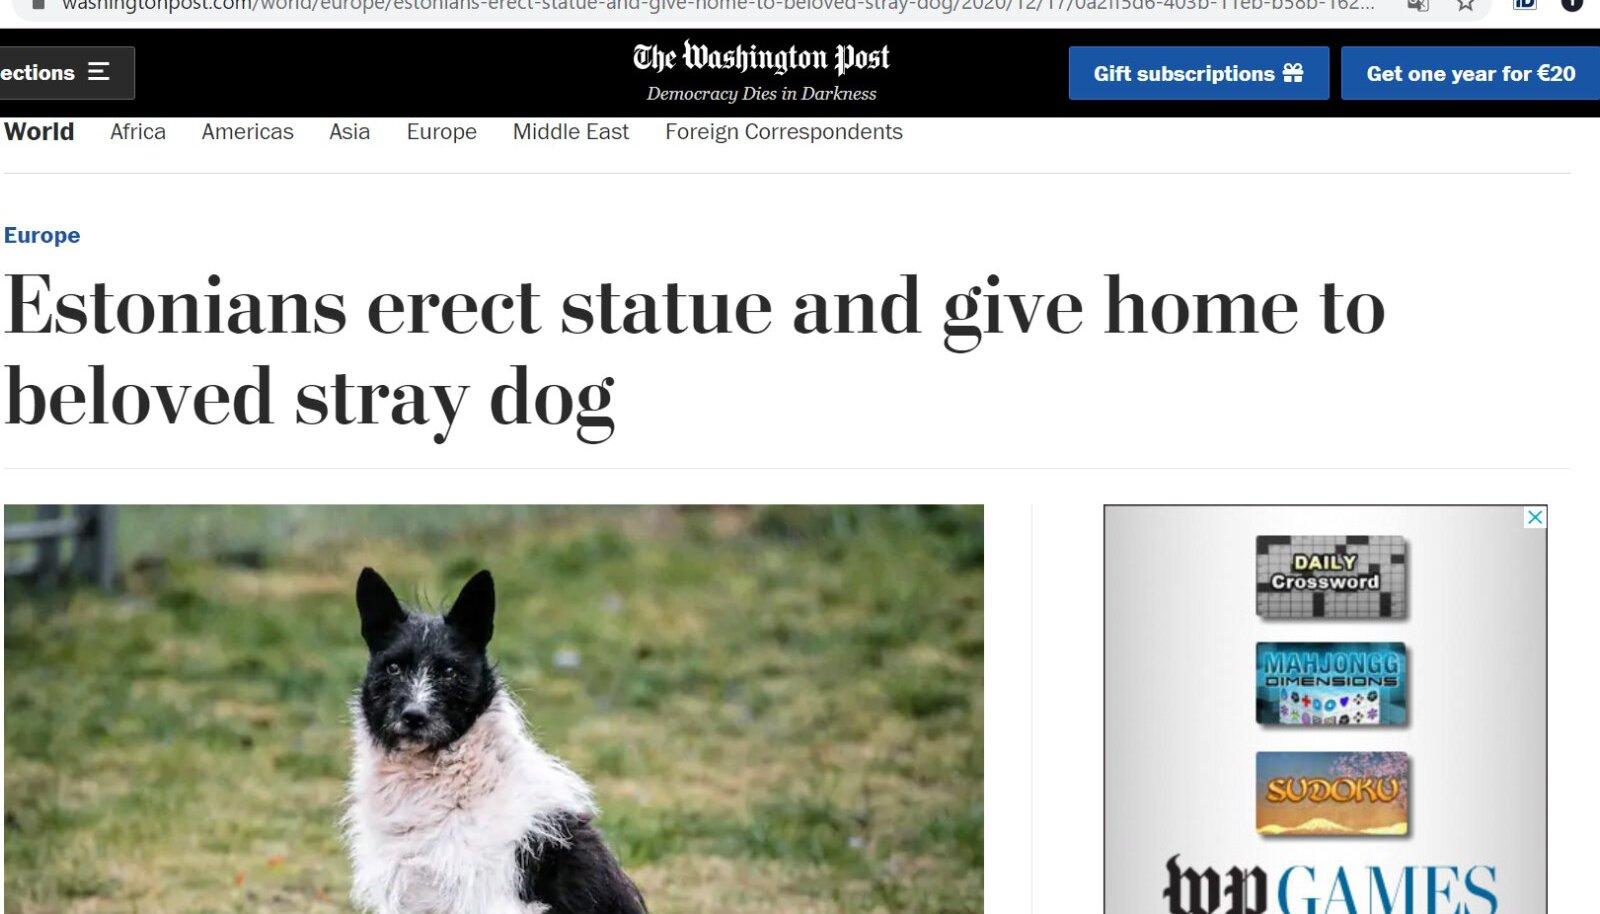 Žorik Wahington Postis